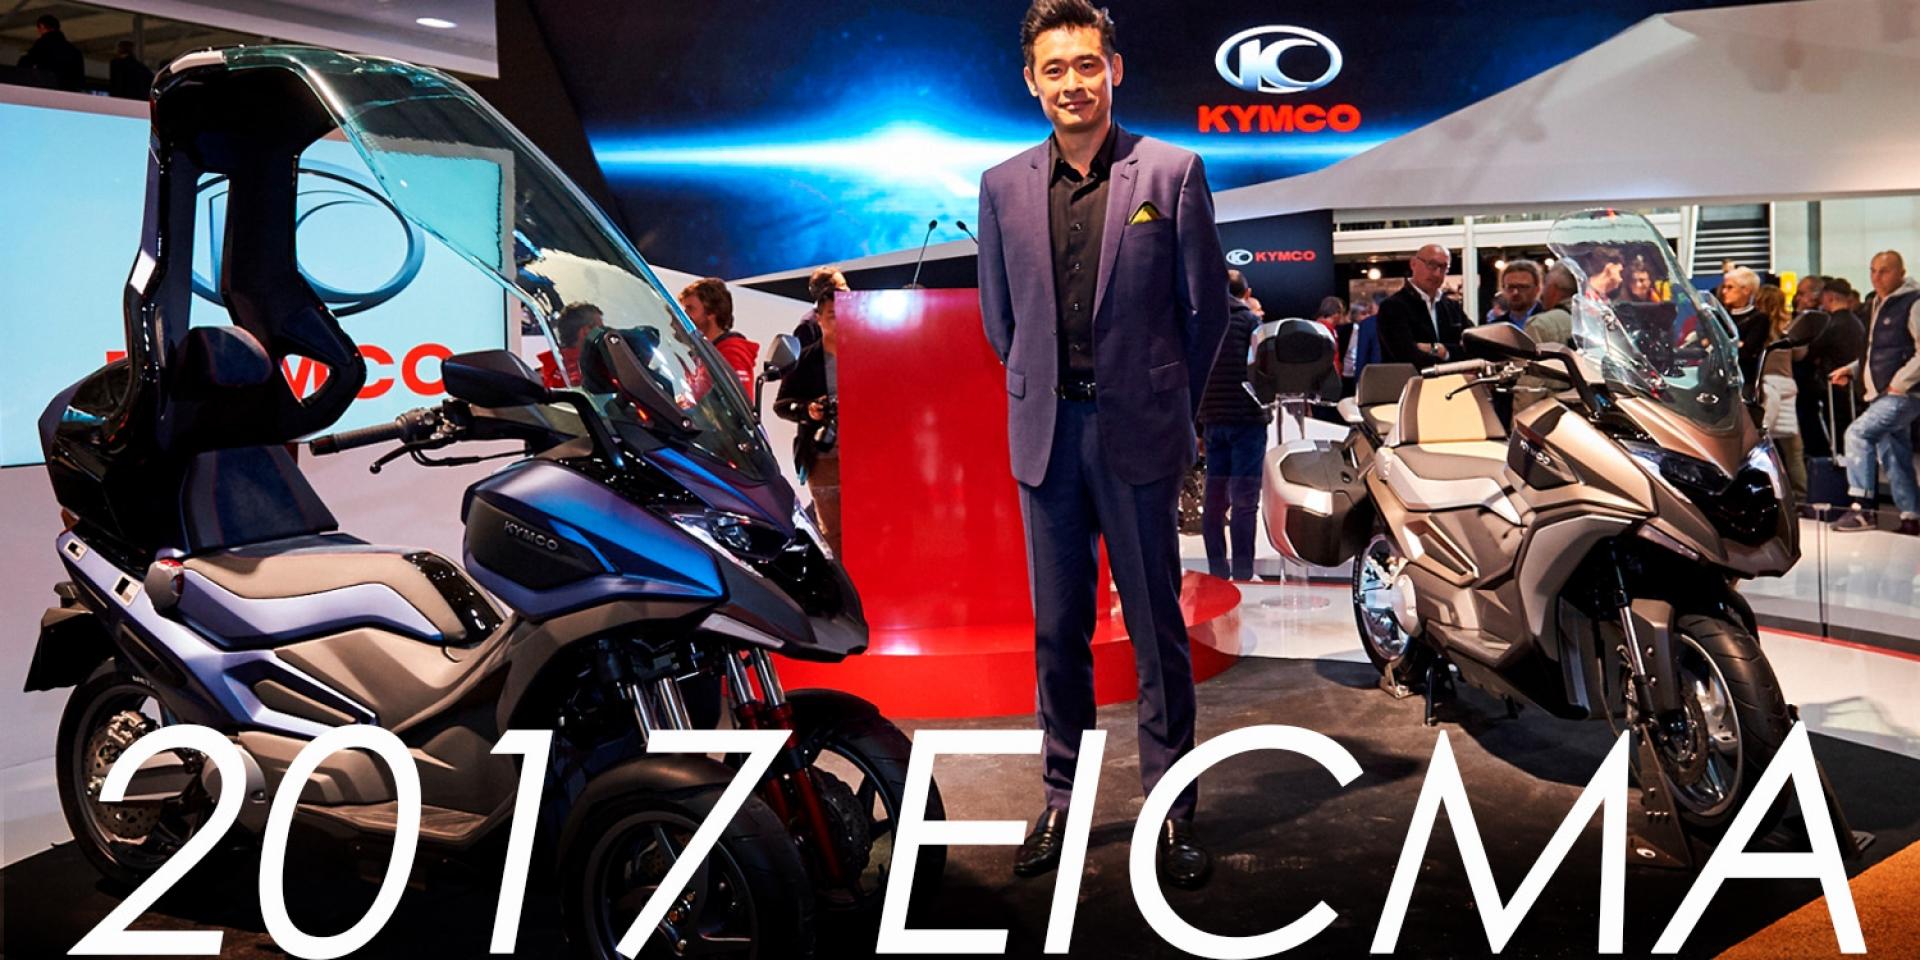 2017米蘭車展。KYMCO新世代概念車CV2、CV3登場,模組化設計驚艷全場